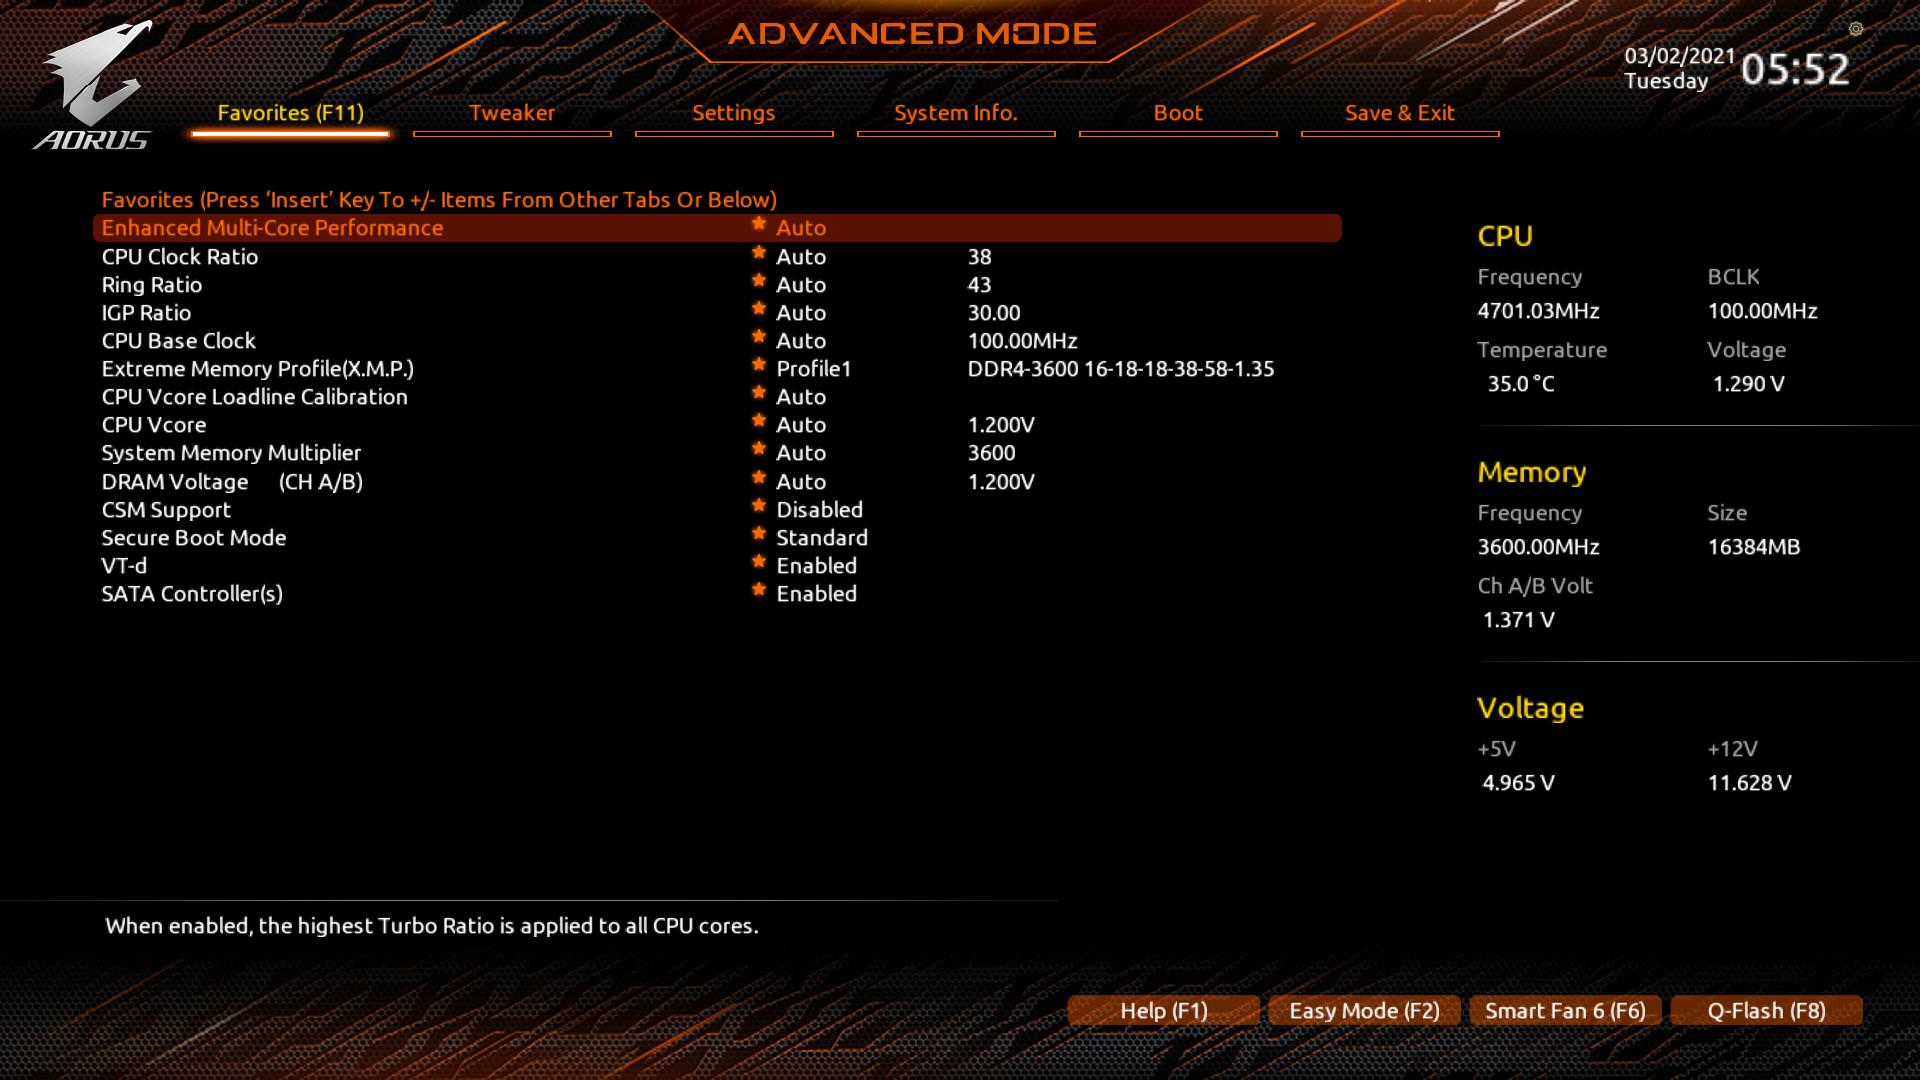 Z590I BIOS 210302055200